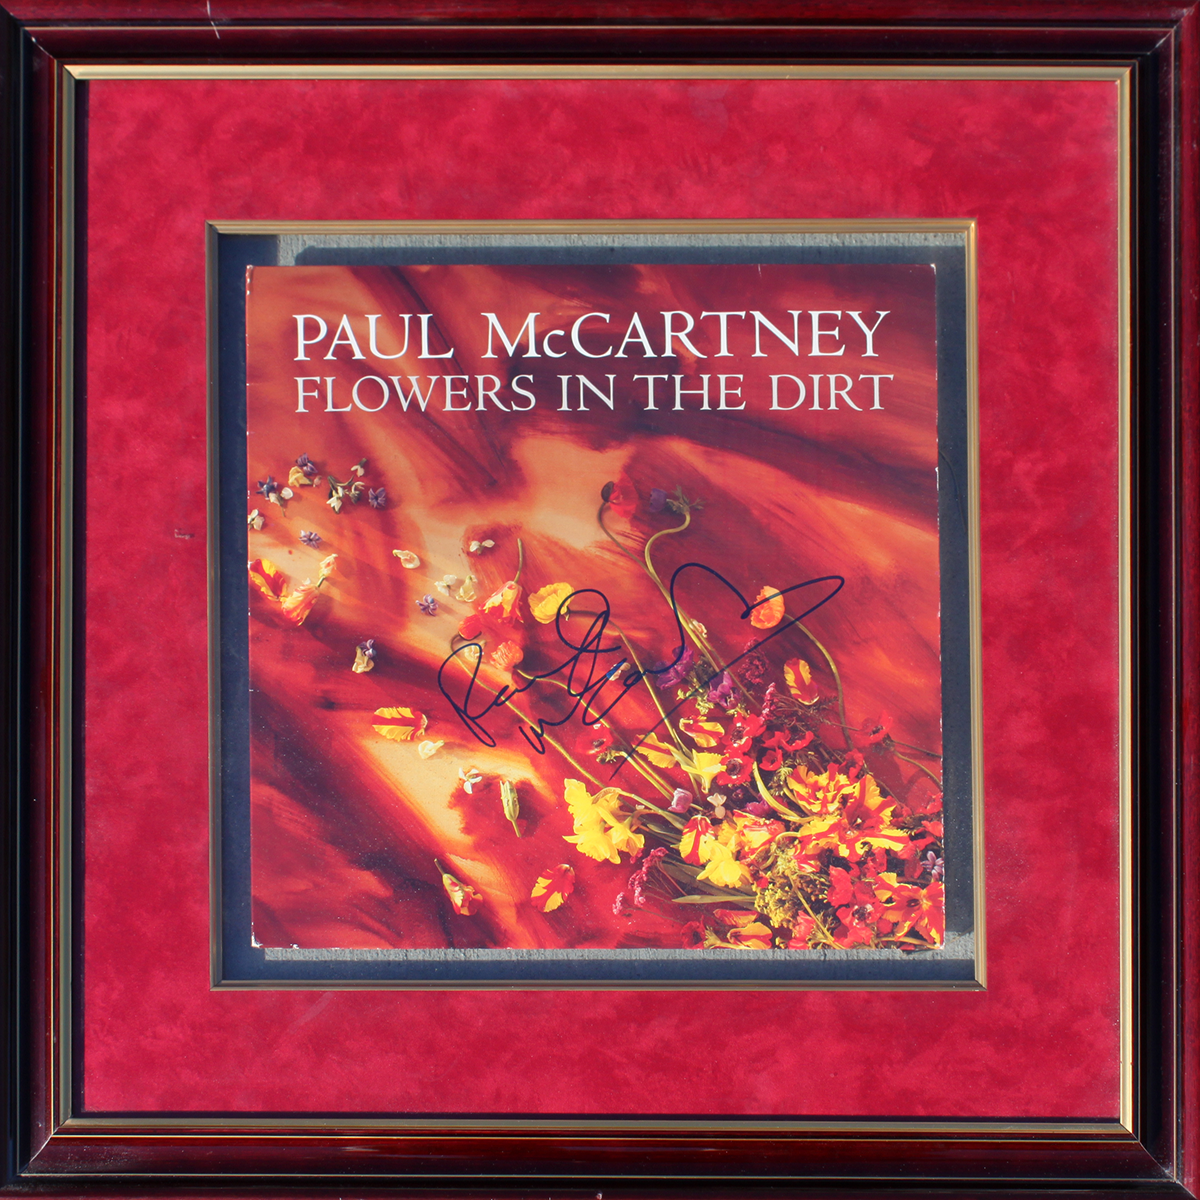 Framed LP - Paul McCartney - Flowers In The Dirt #1